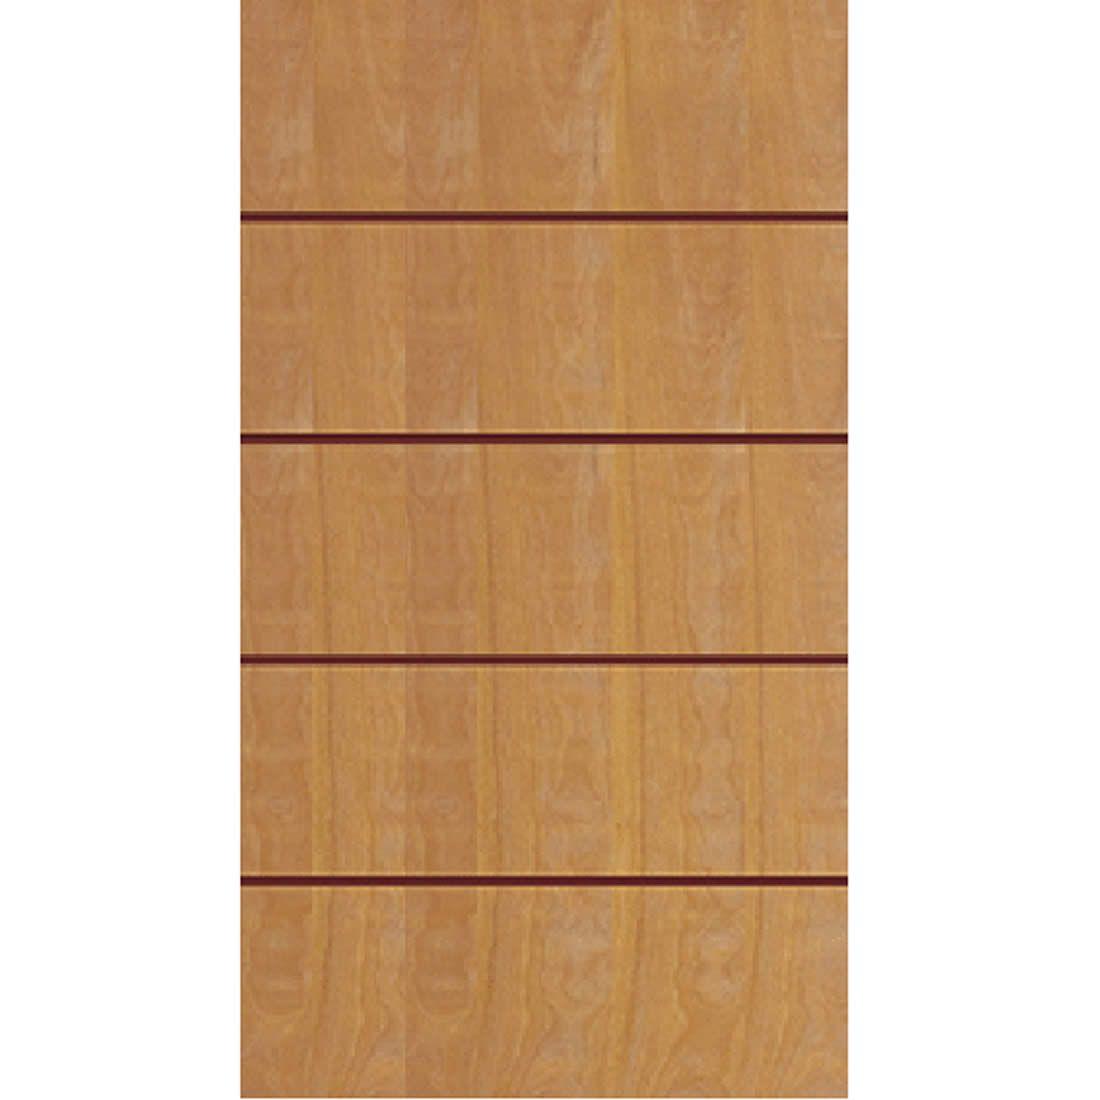 Porta 2,10 x 1.10m em Madeira Curupixa Semi Sólida Modelo 02 Frisada JB Paes